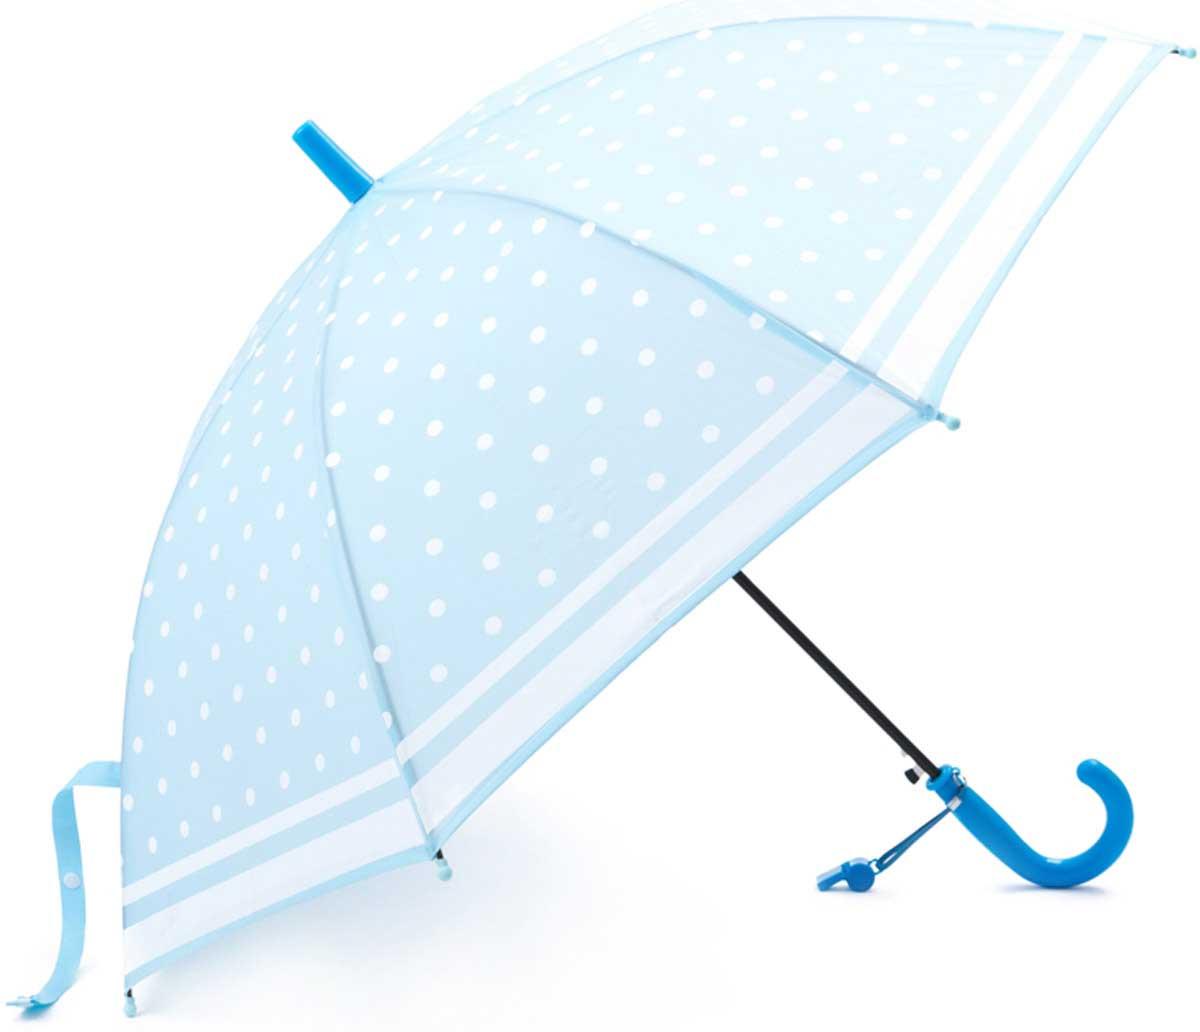 Зонт для девочки PlayToday, цвет: голубой. 172701. Размер 48.545100948B/32793/5900NЭтот яркий зонтик обязательно понравится Вашему ребенку! Оснащен специальной безопасной системой открывания и закрывания. Материал каркаса ветроустойчивый. Концы спиц снабжены пластмассовыми наконечниками для защиты от травм. Такой зонт идеально подойдет для прогулок в дождливую погоду.